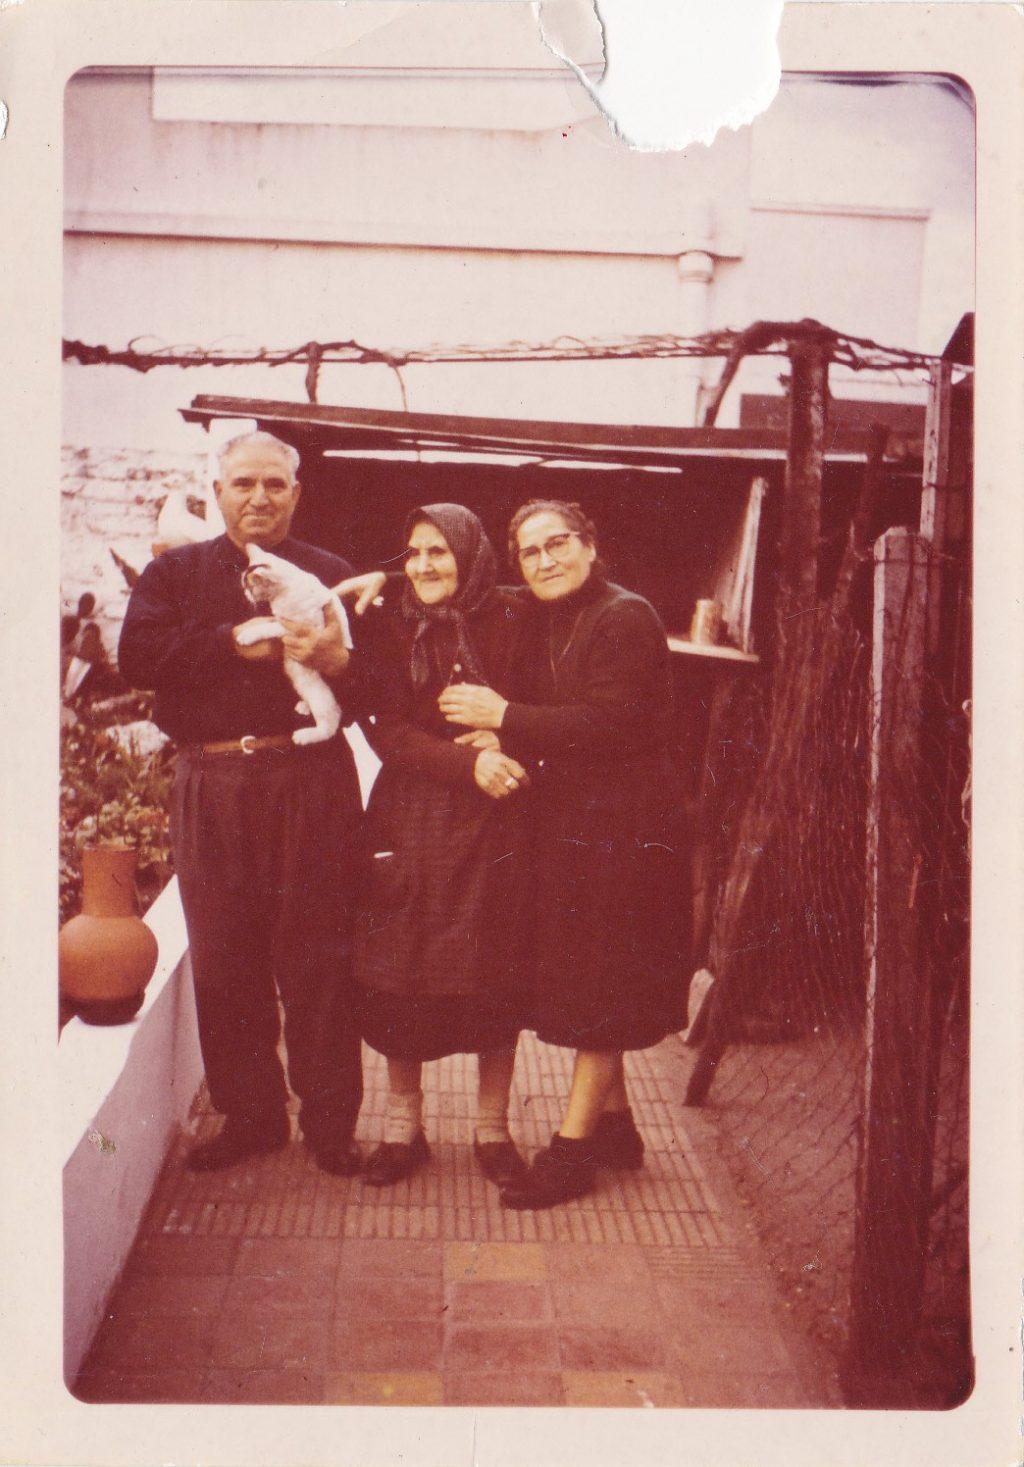 Mi abuela, mi tía Teresa y mi tío Heliodoro, el hijo y hermano adoptivo (c) Leonor Salustiano